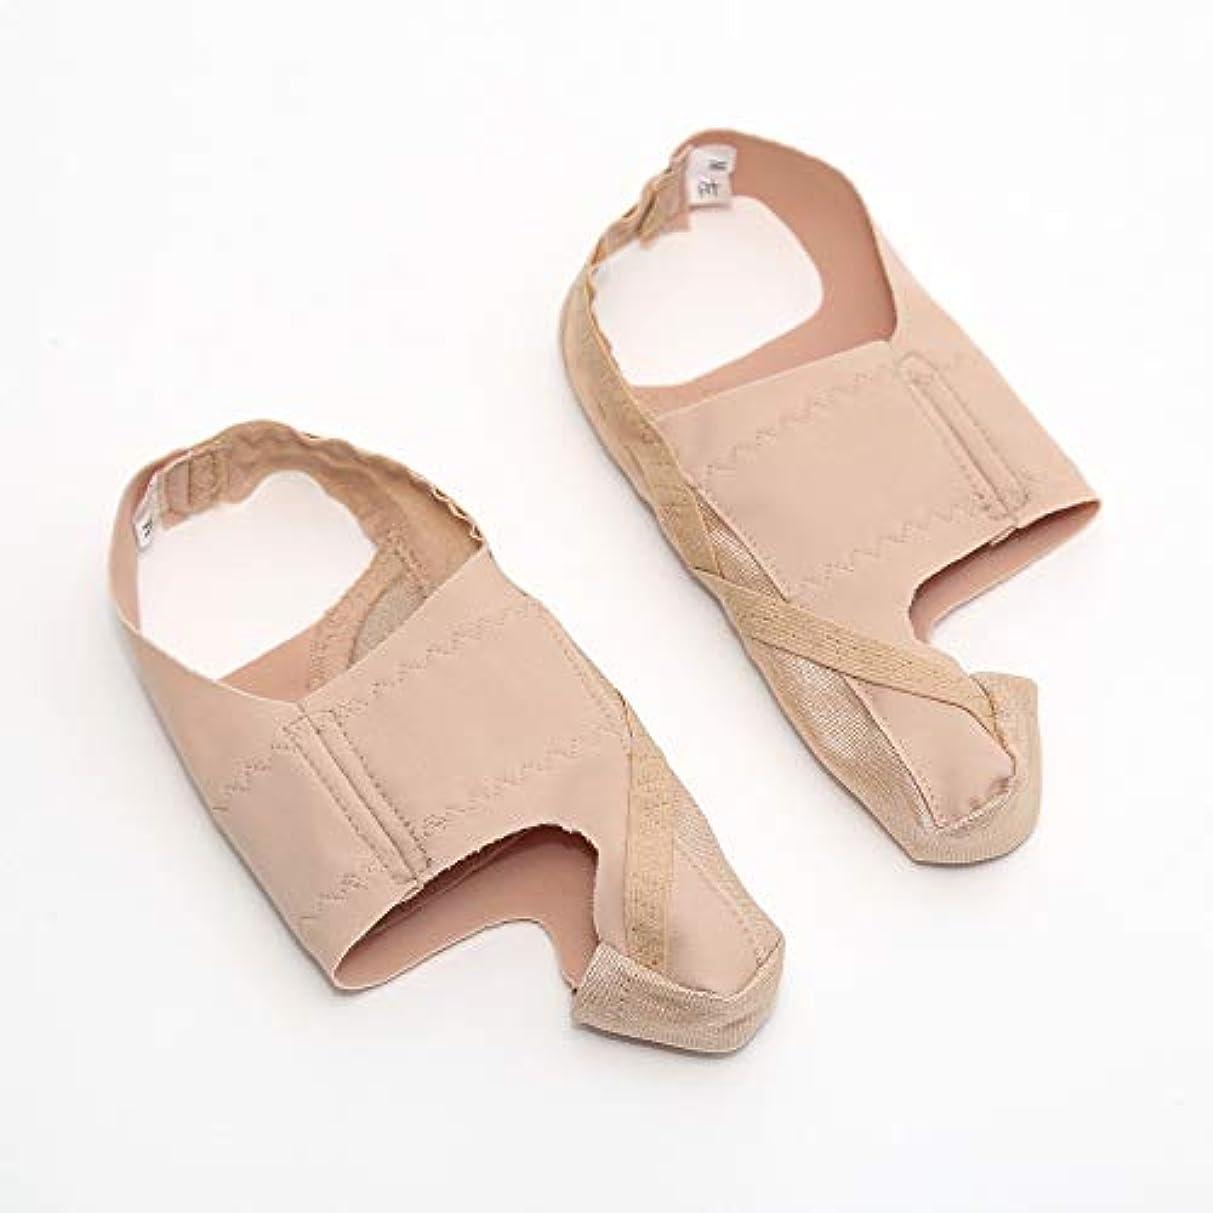 債務マチュピチュスライス靴も履けるんデス EX Mサイズ コエンザイムQ10 美容エッセンスマスク付セット